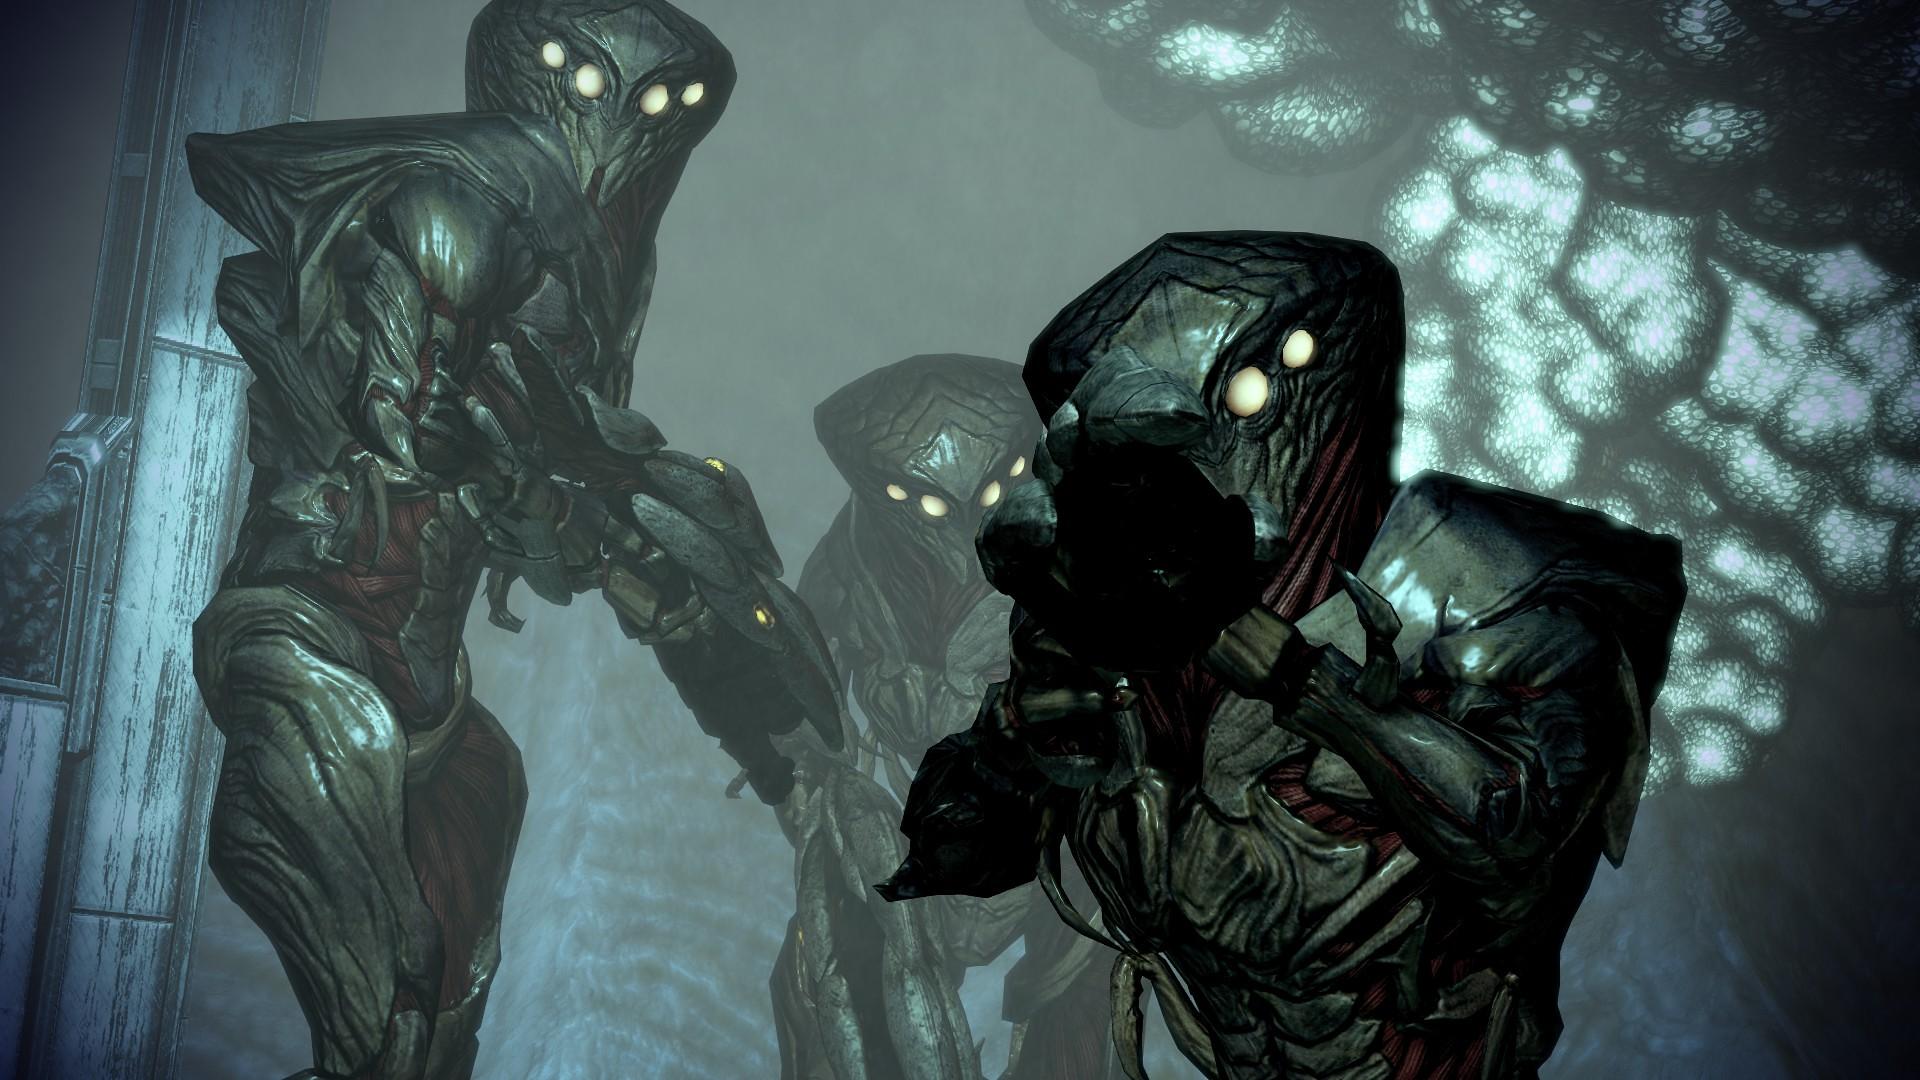 11977398644_dc422aa1f9_k.jpg - Mass Effect 2